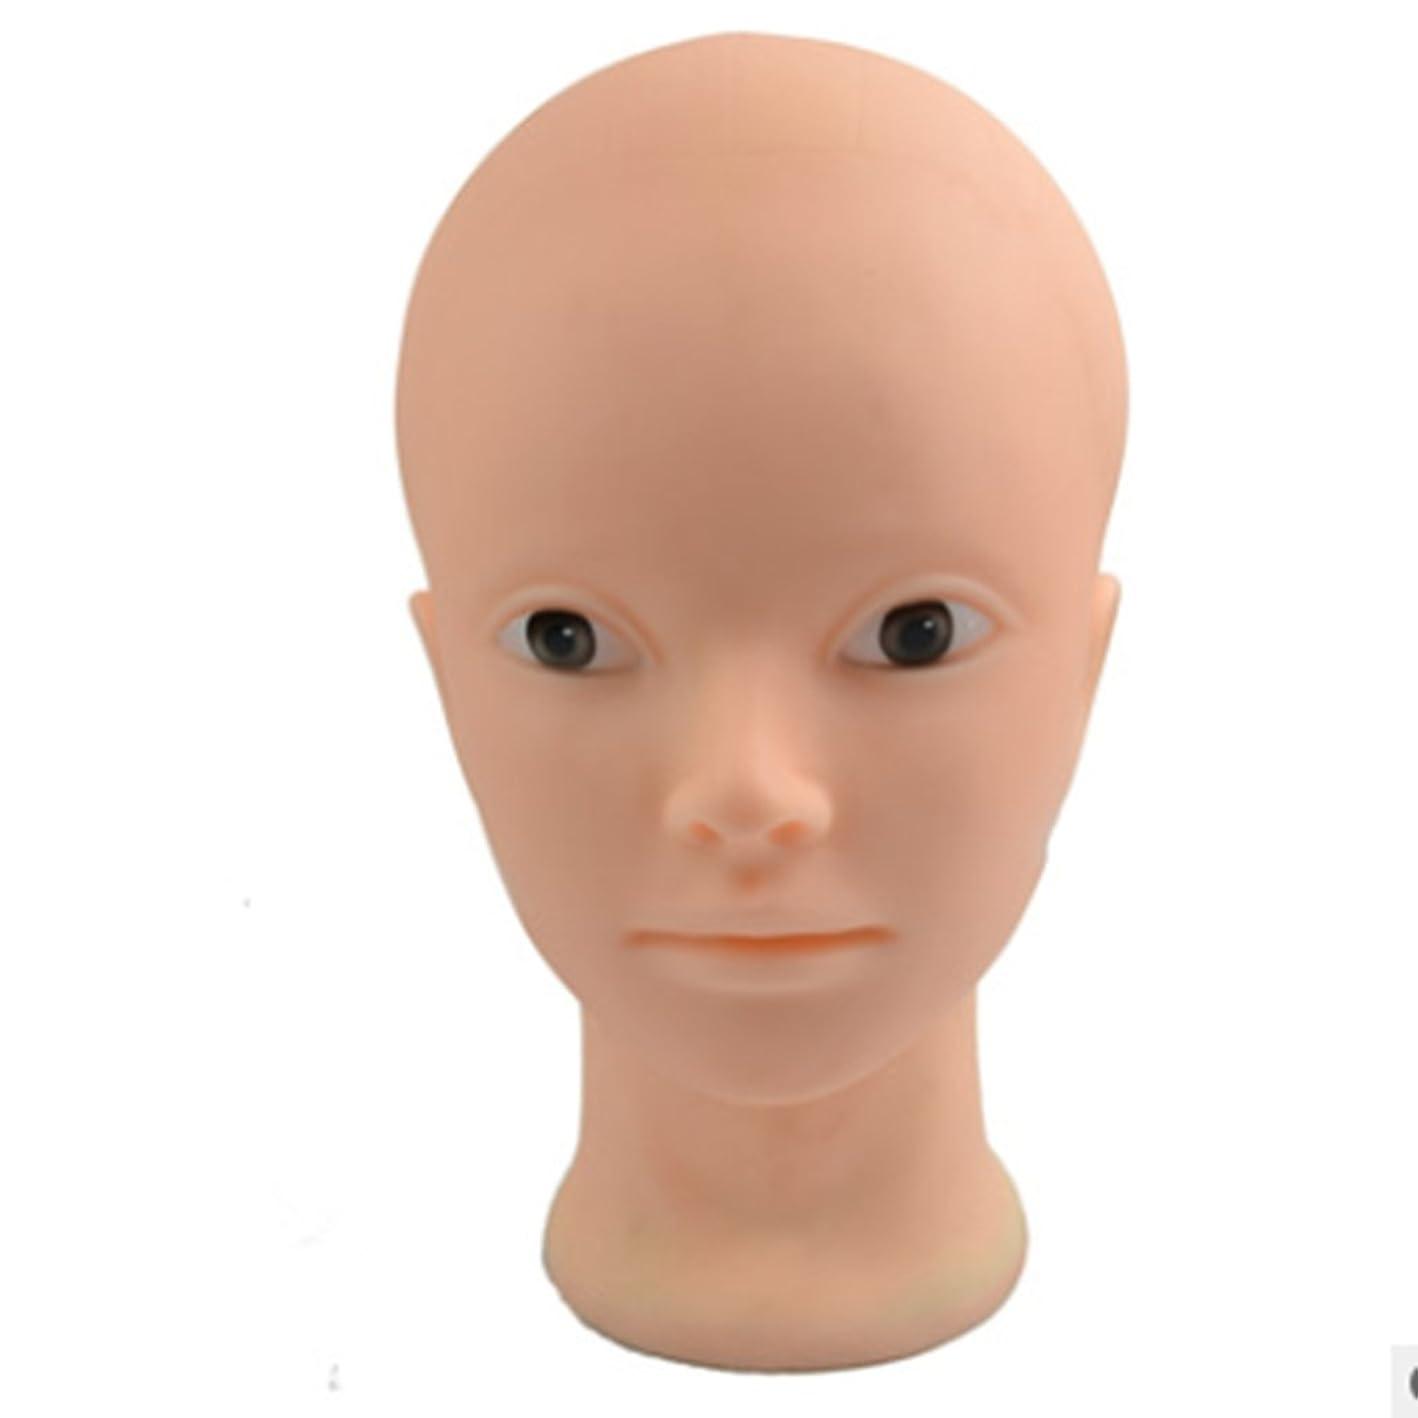 サイクル謎めいた没頭する25センチウィッグヘッド金型、ポリ塩化ビニールのプラスチック製の人形の鍼療法の練習はげとメガネスカーフモデルウィッグヘッド モデリングツール (色 : ホワイト)